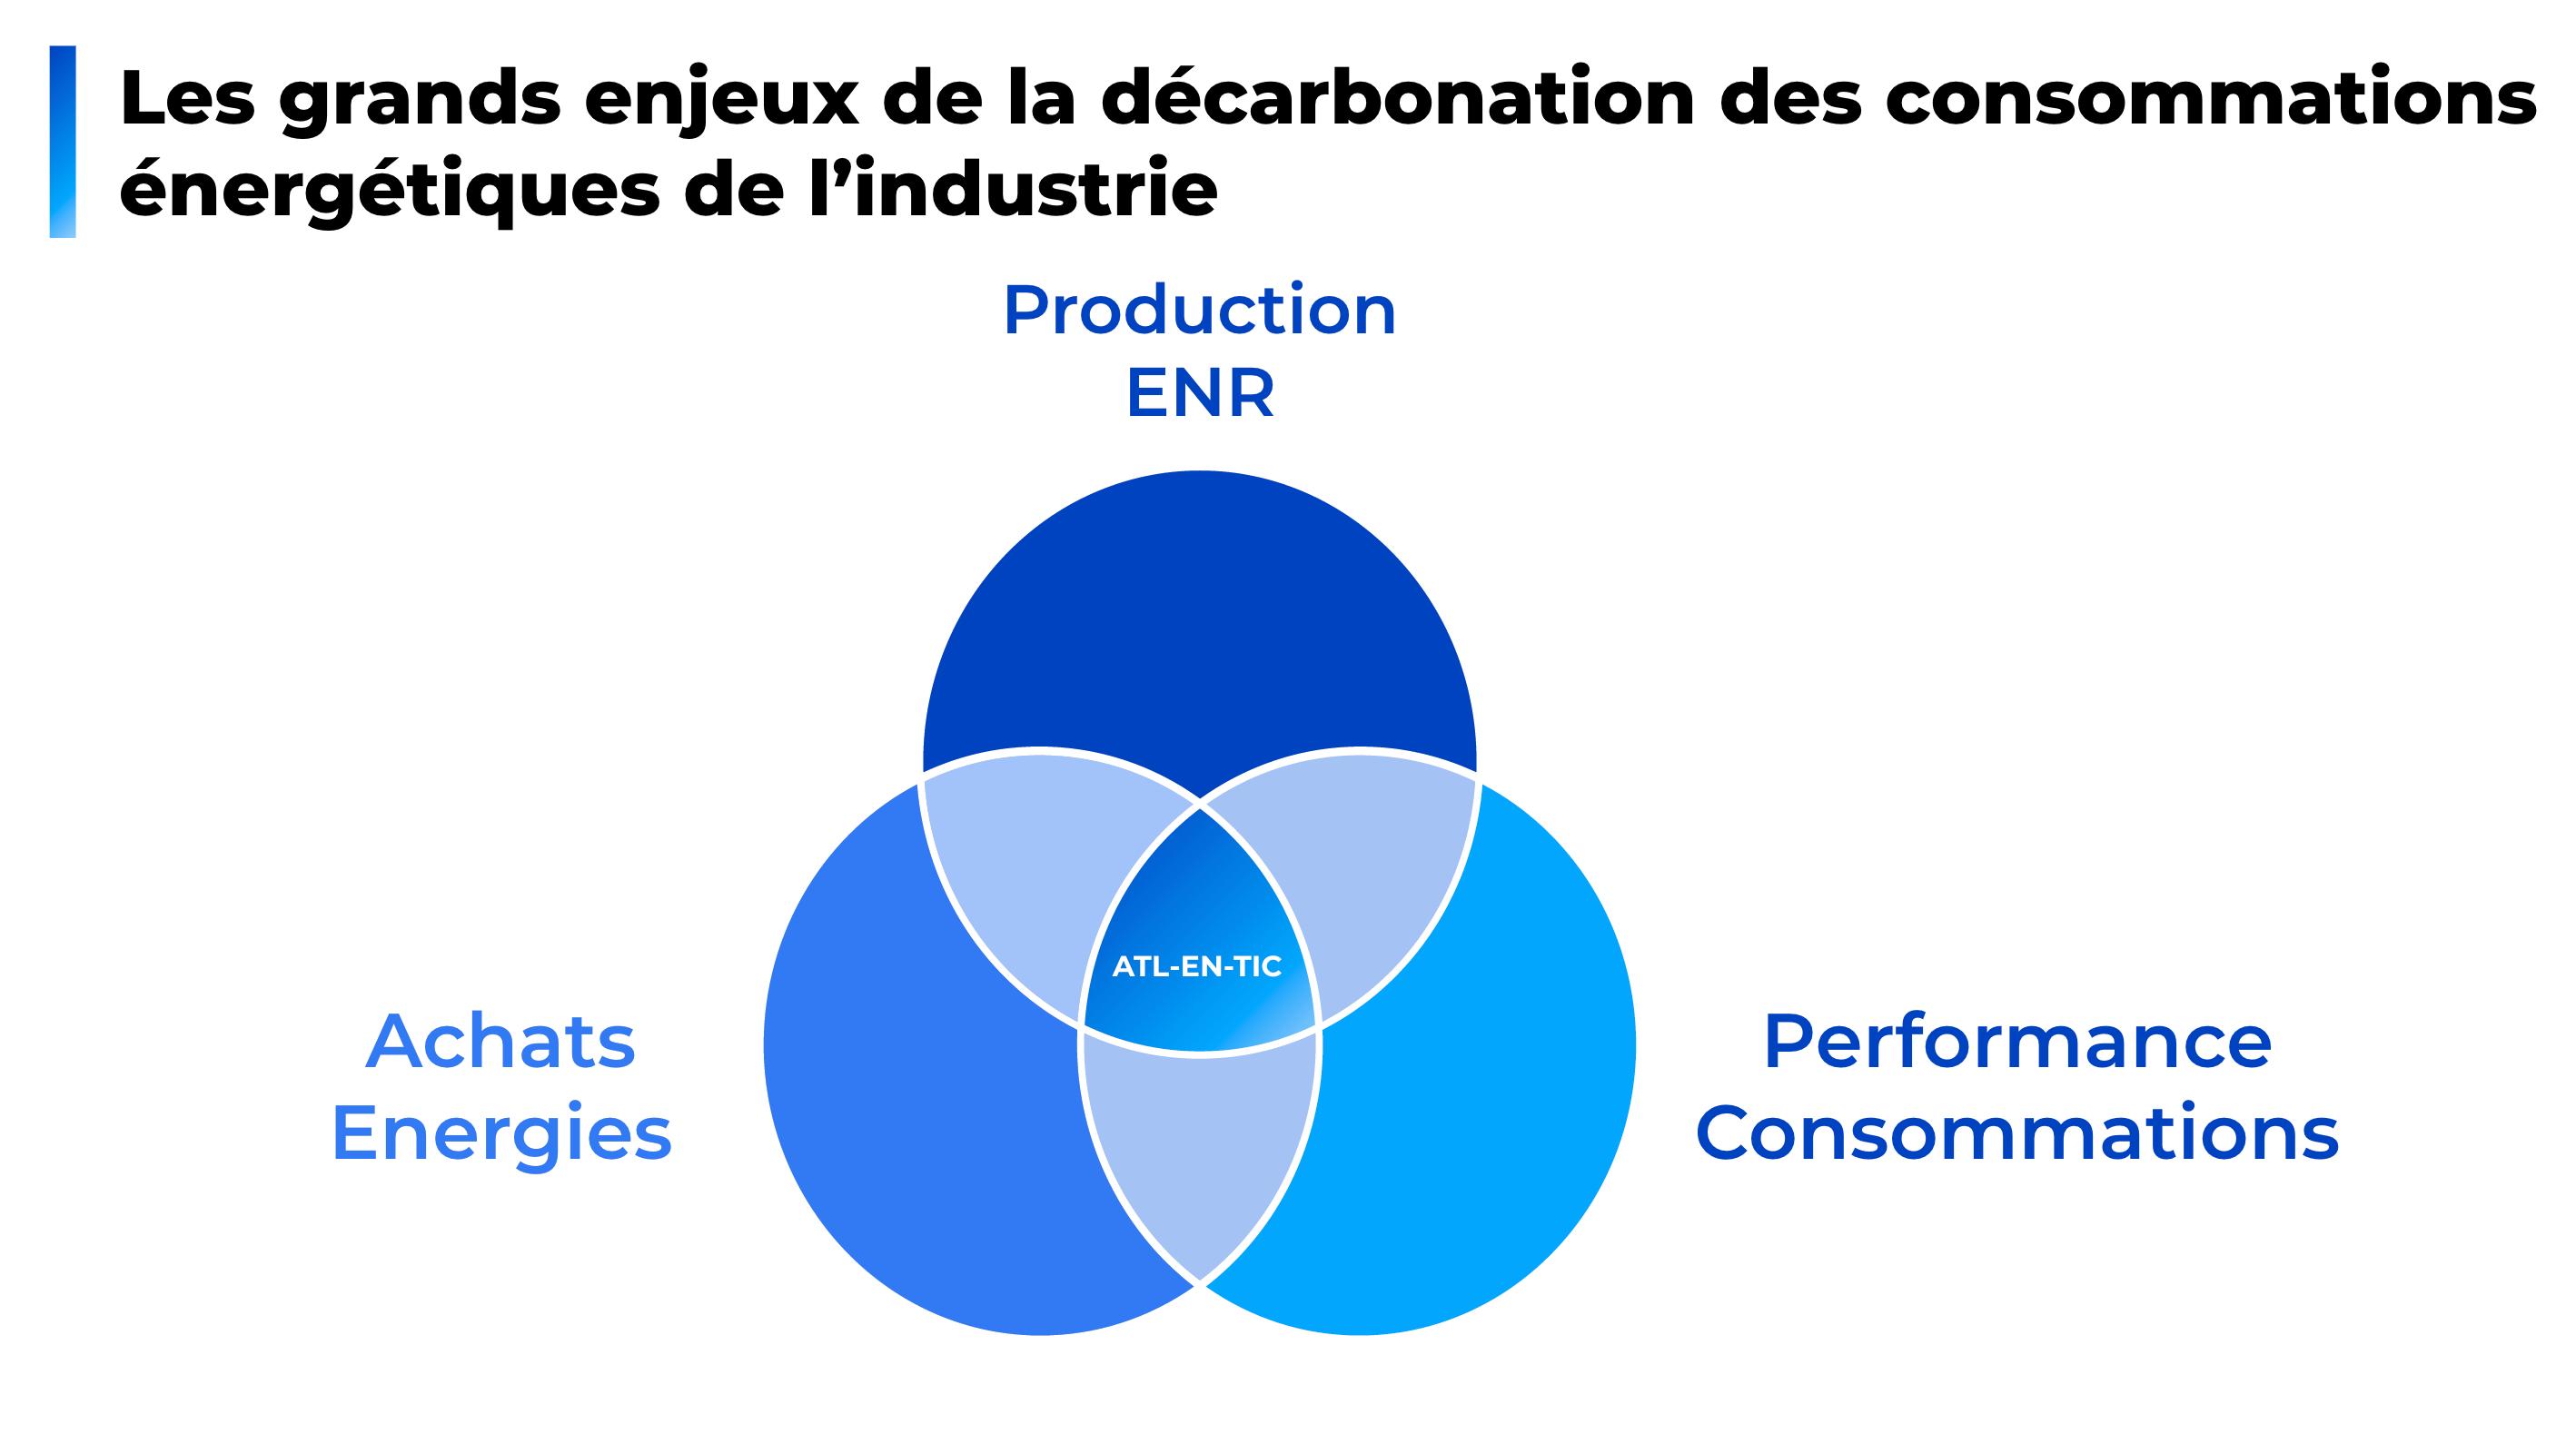 Les enjeux de la décarbonation des consommations énergétiques de lindustrie